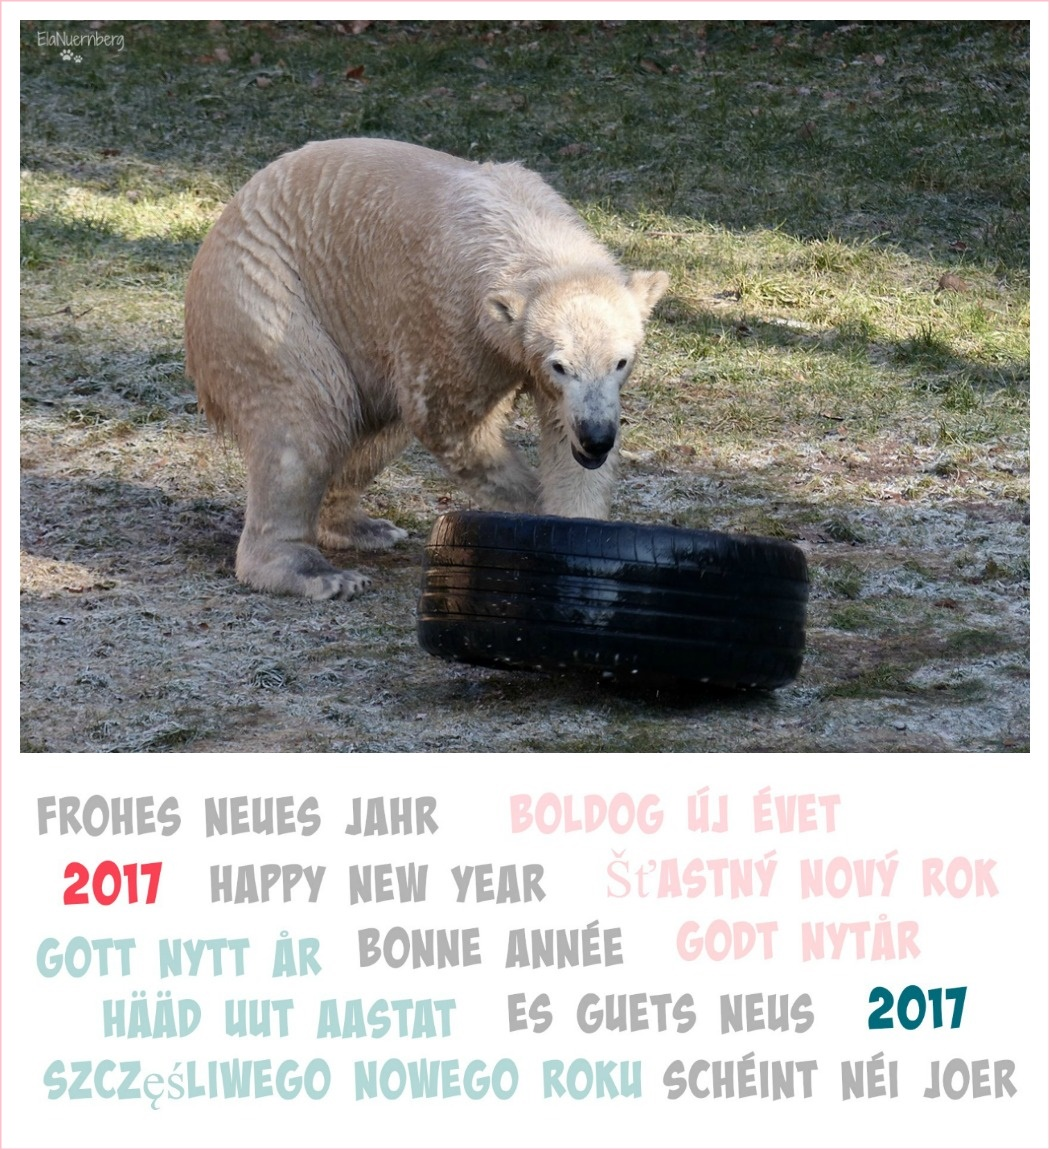 Bäriges Neues Jahr - Eisbär Charlotte mit Reifen im Tiergarten Nürnberg